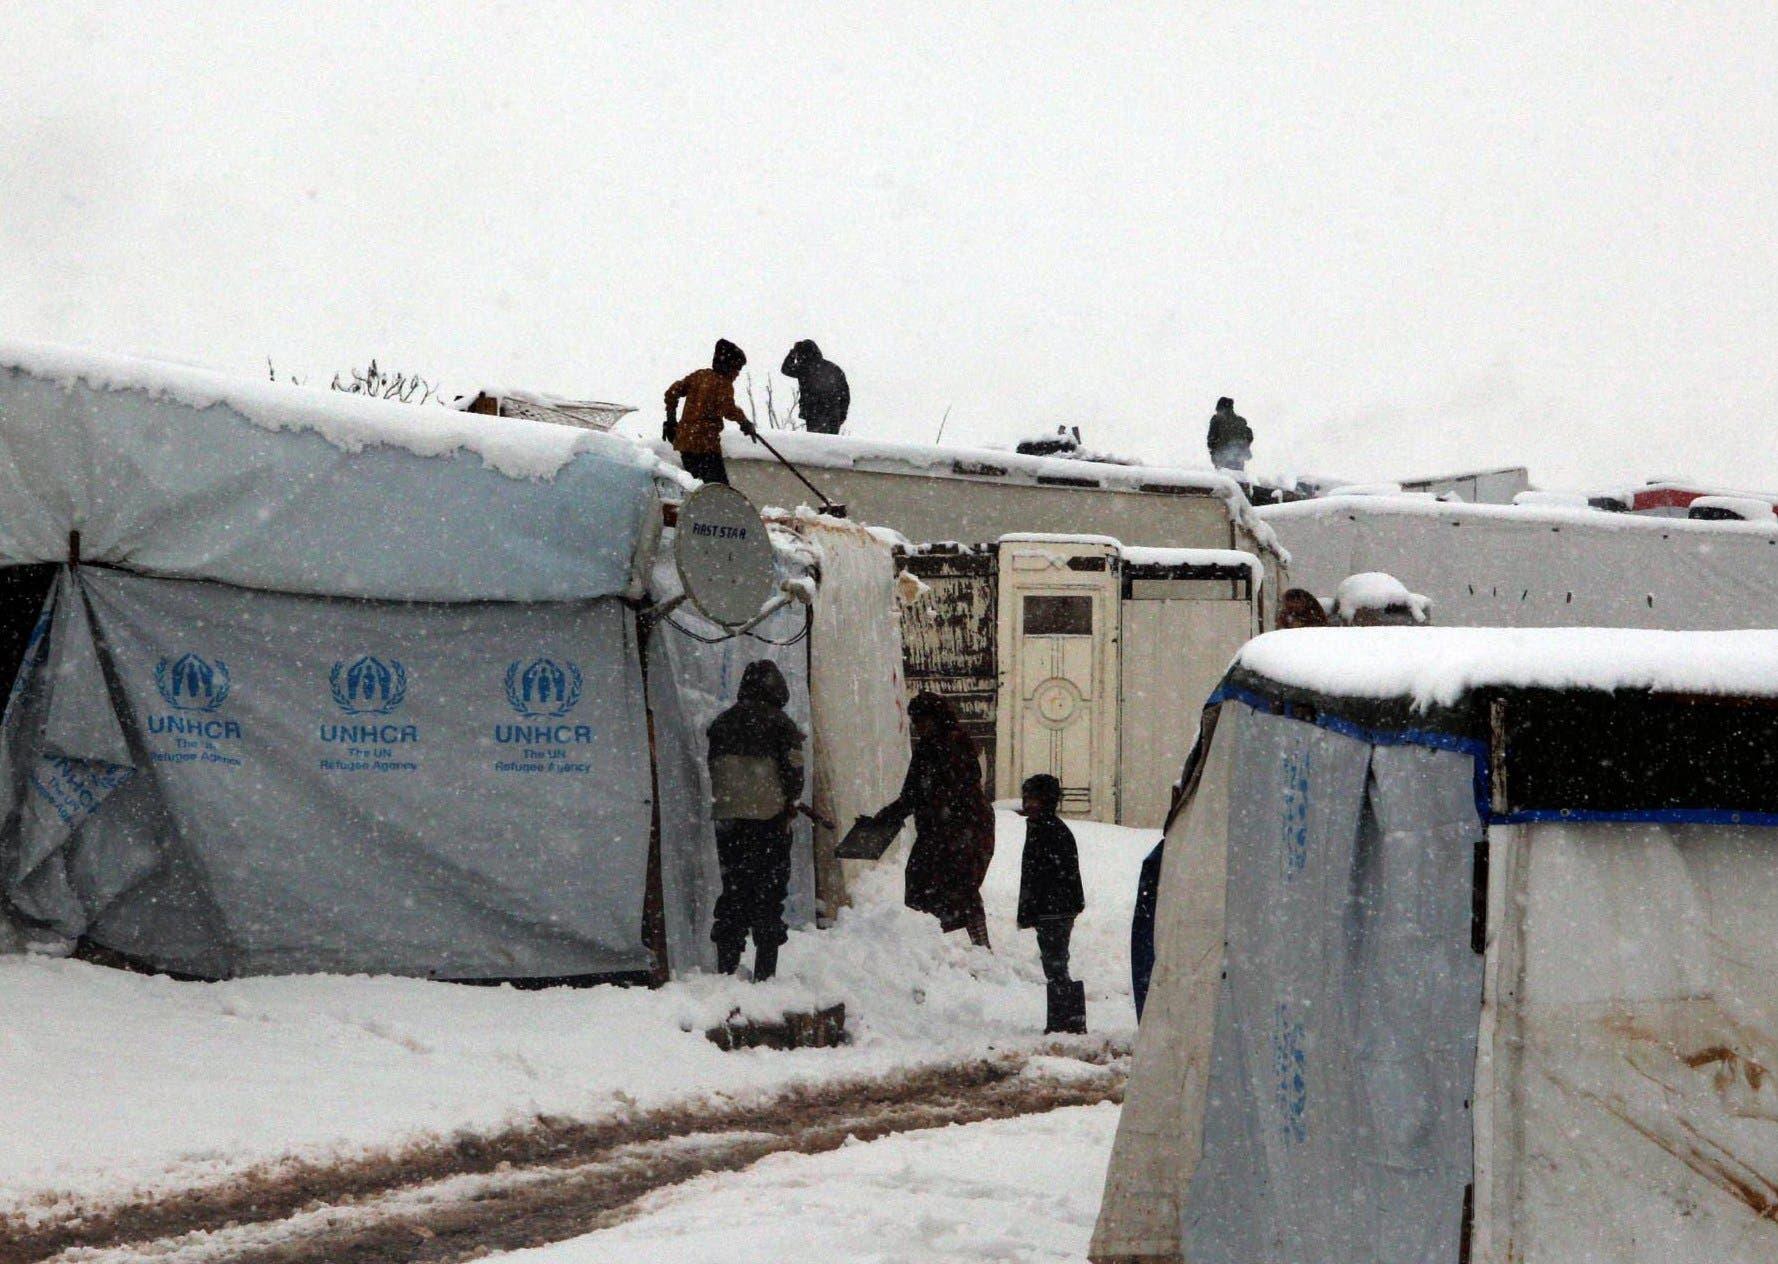 العاصفة الثلجية تجتاح خيام اللاجئين 52fae937-c696-4309-9b3c-5d4a68921632.jpg